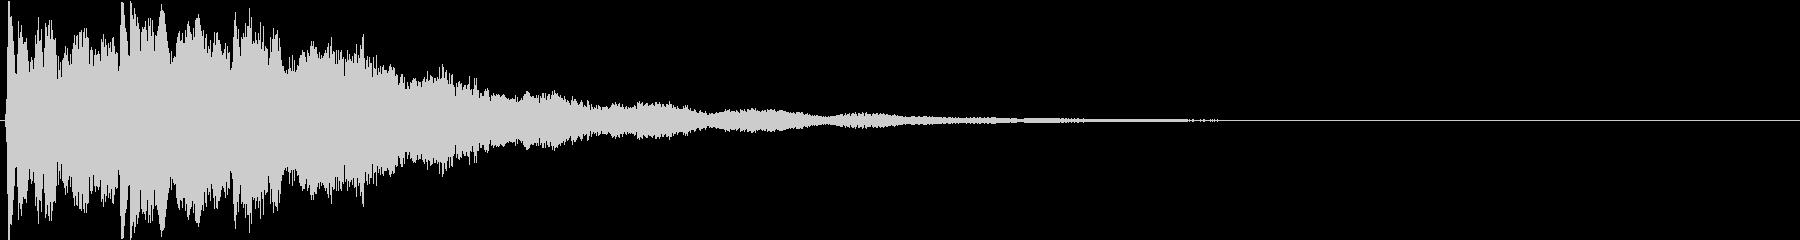 ピン:アニメや漫画で閃く時の音2の未再生の波形